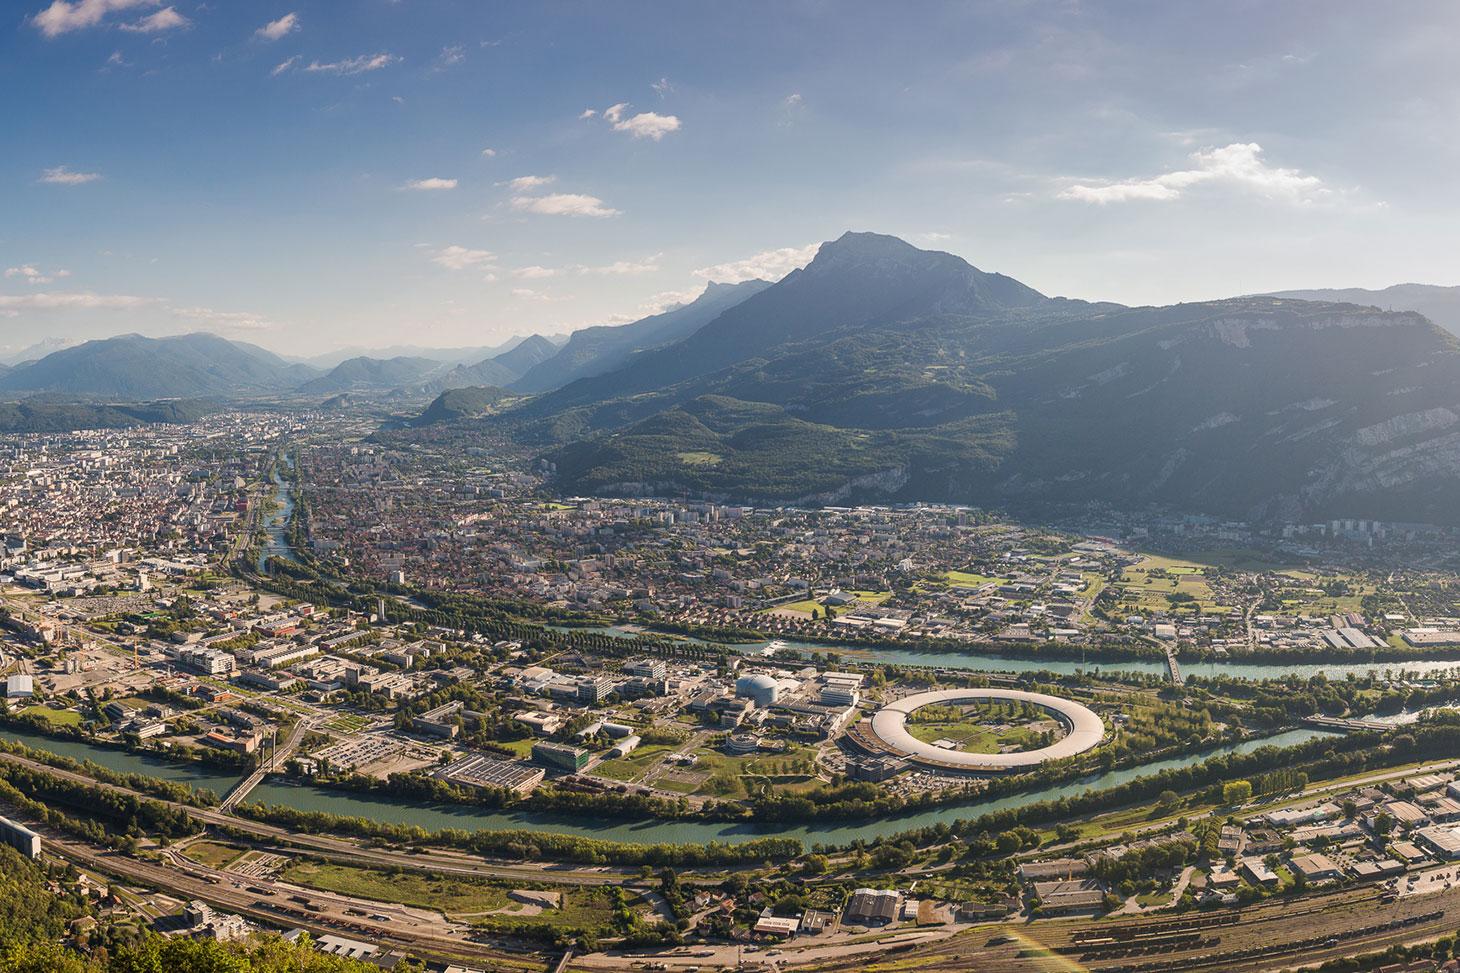 Vue de la presqu'île scientifique et du synchrotron de Grenoble © Pierre Jayet